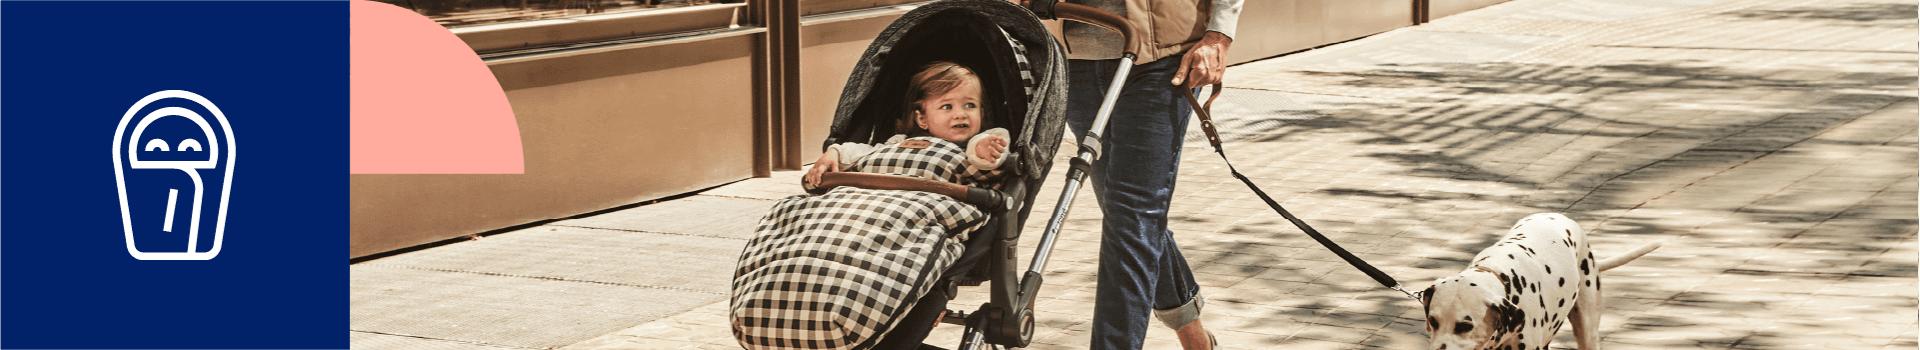 Accessoires Poussettes Jané   Tout pour la poussette de bébé